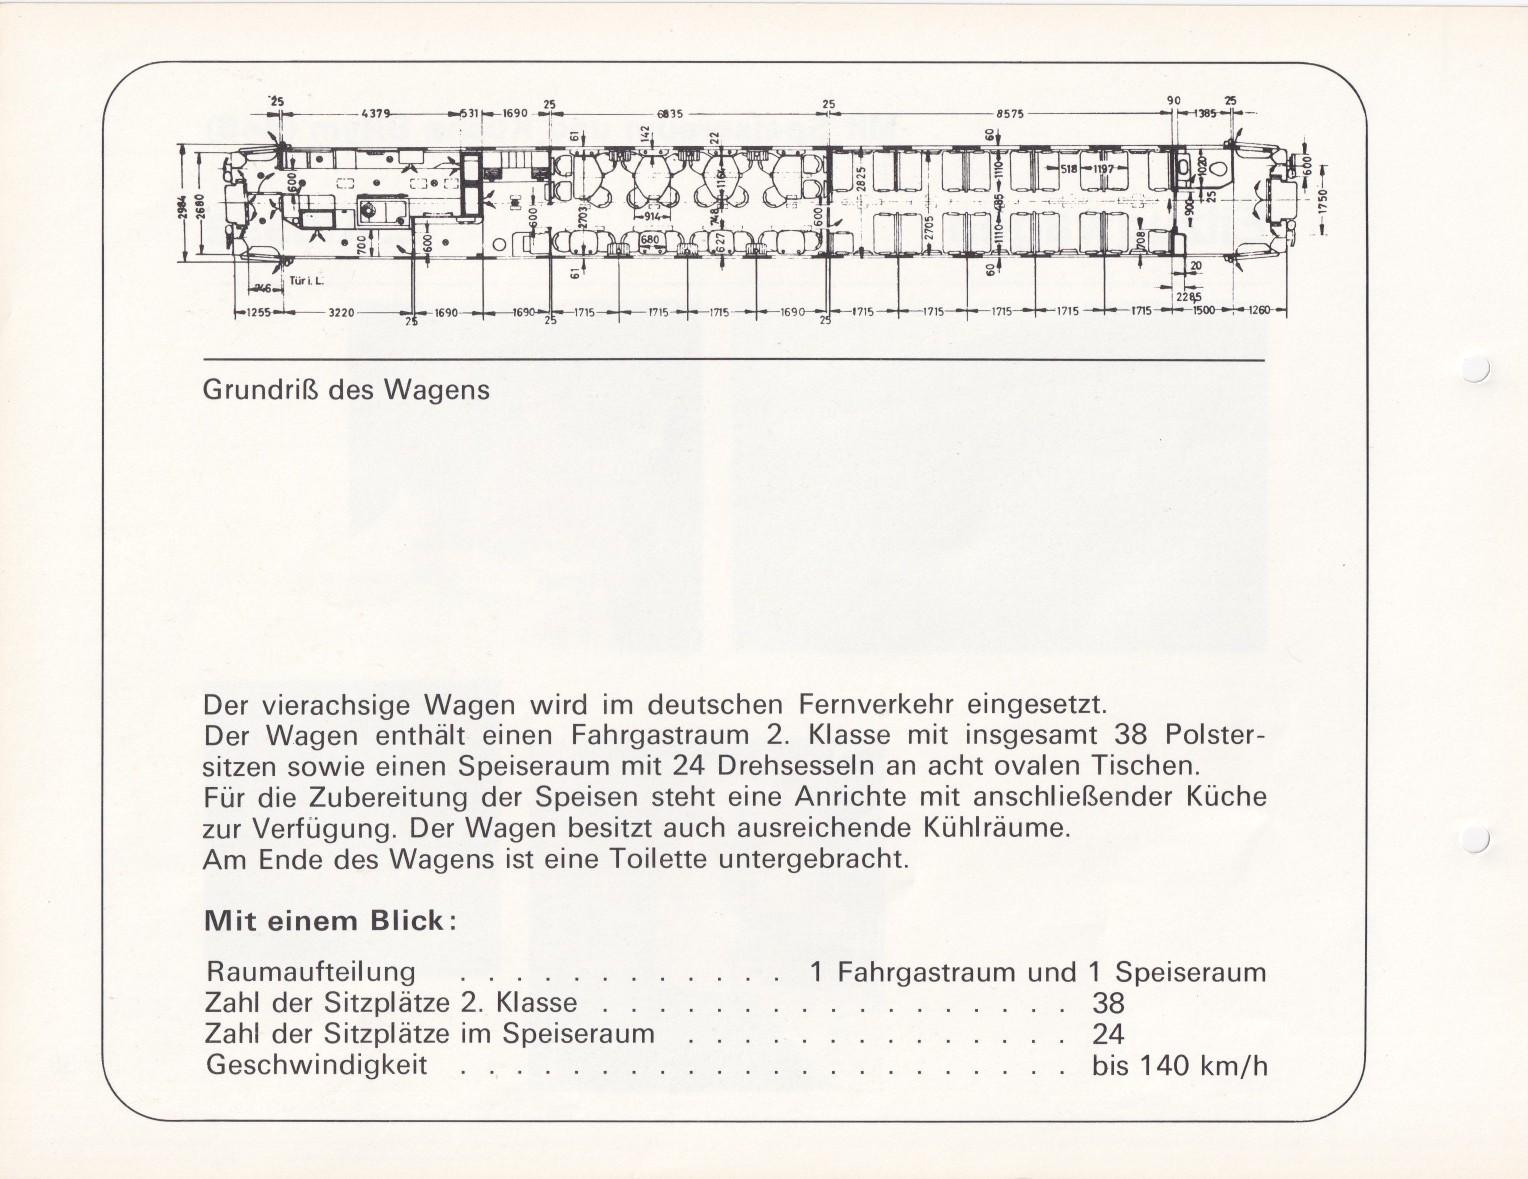 https://www.nullclub.de/hifo/Fahrzeuglexikon/Wagen35b.jpg